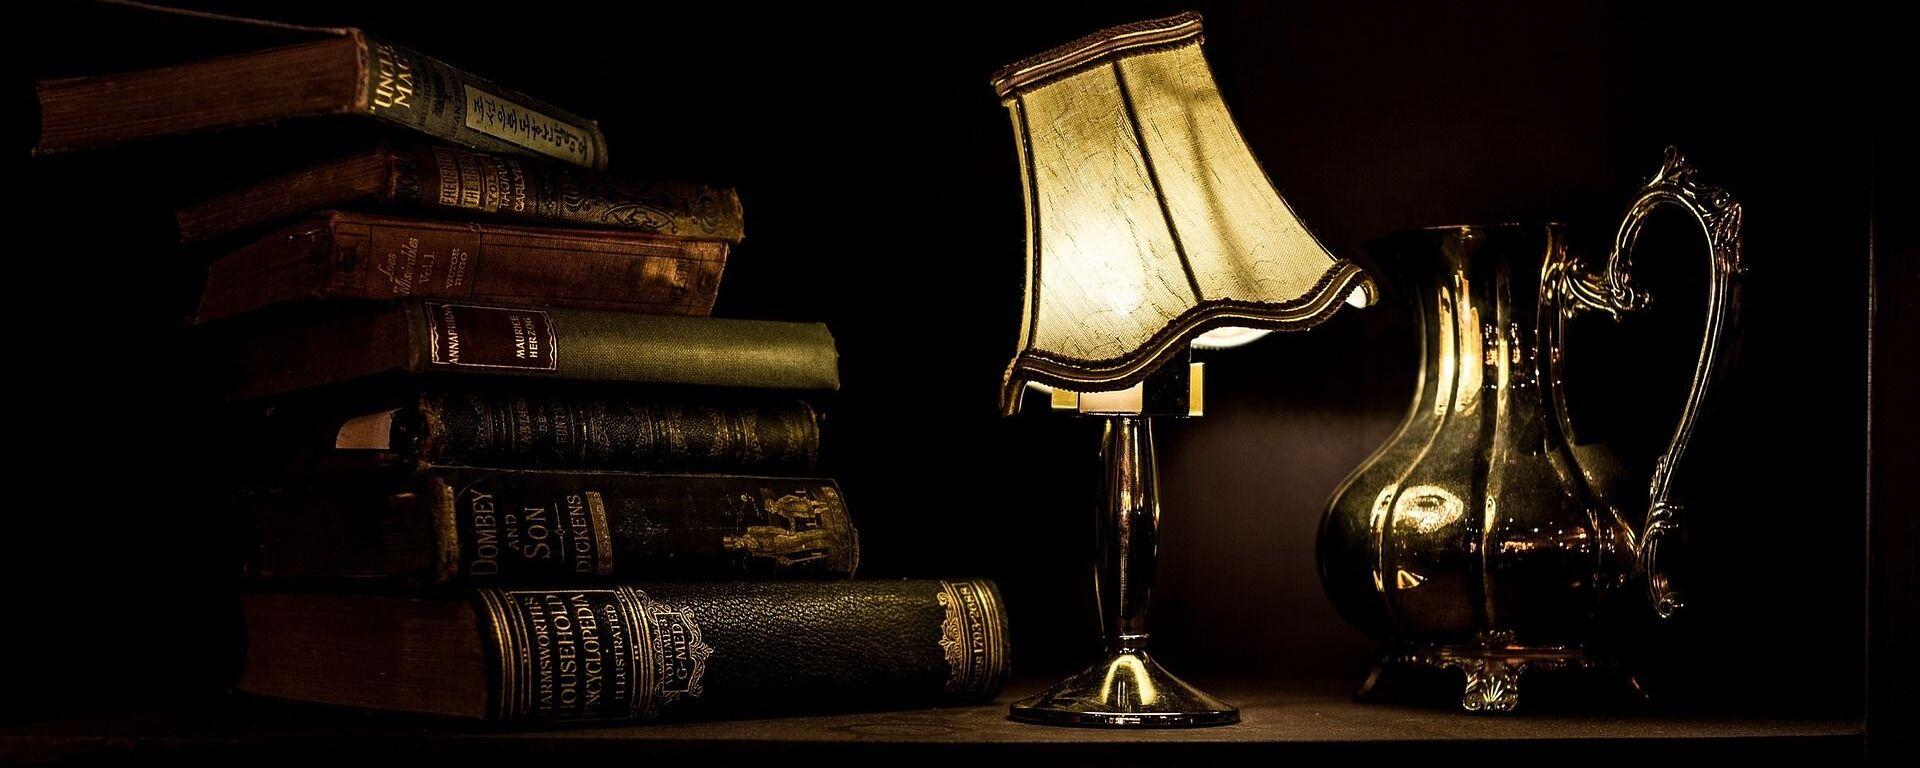 ძველი წიგნები და ღამის ნათურა საწერ მაგიდაზე - Sputnik საქართველო, 1920, 21.11.2020